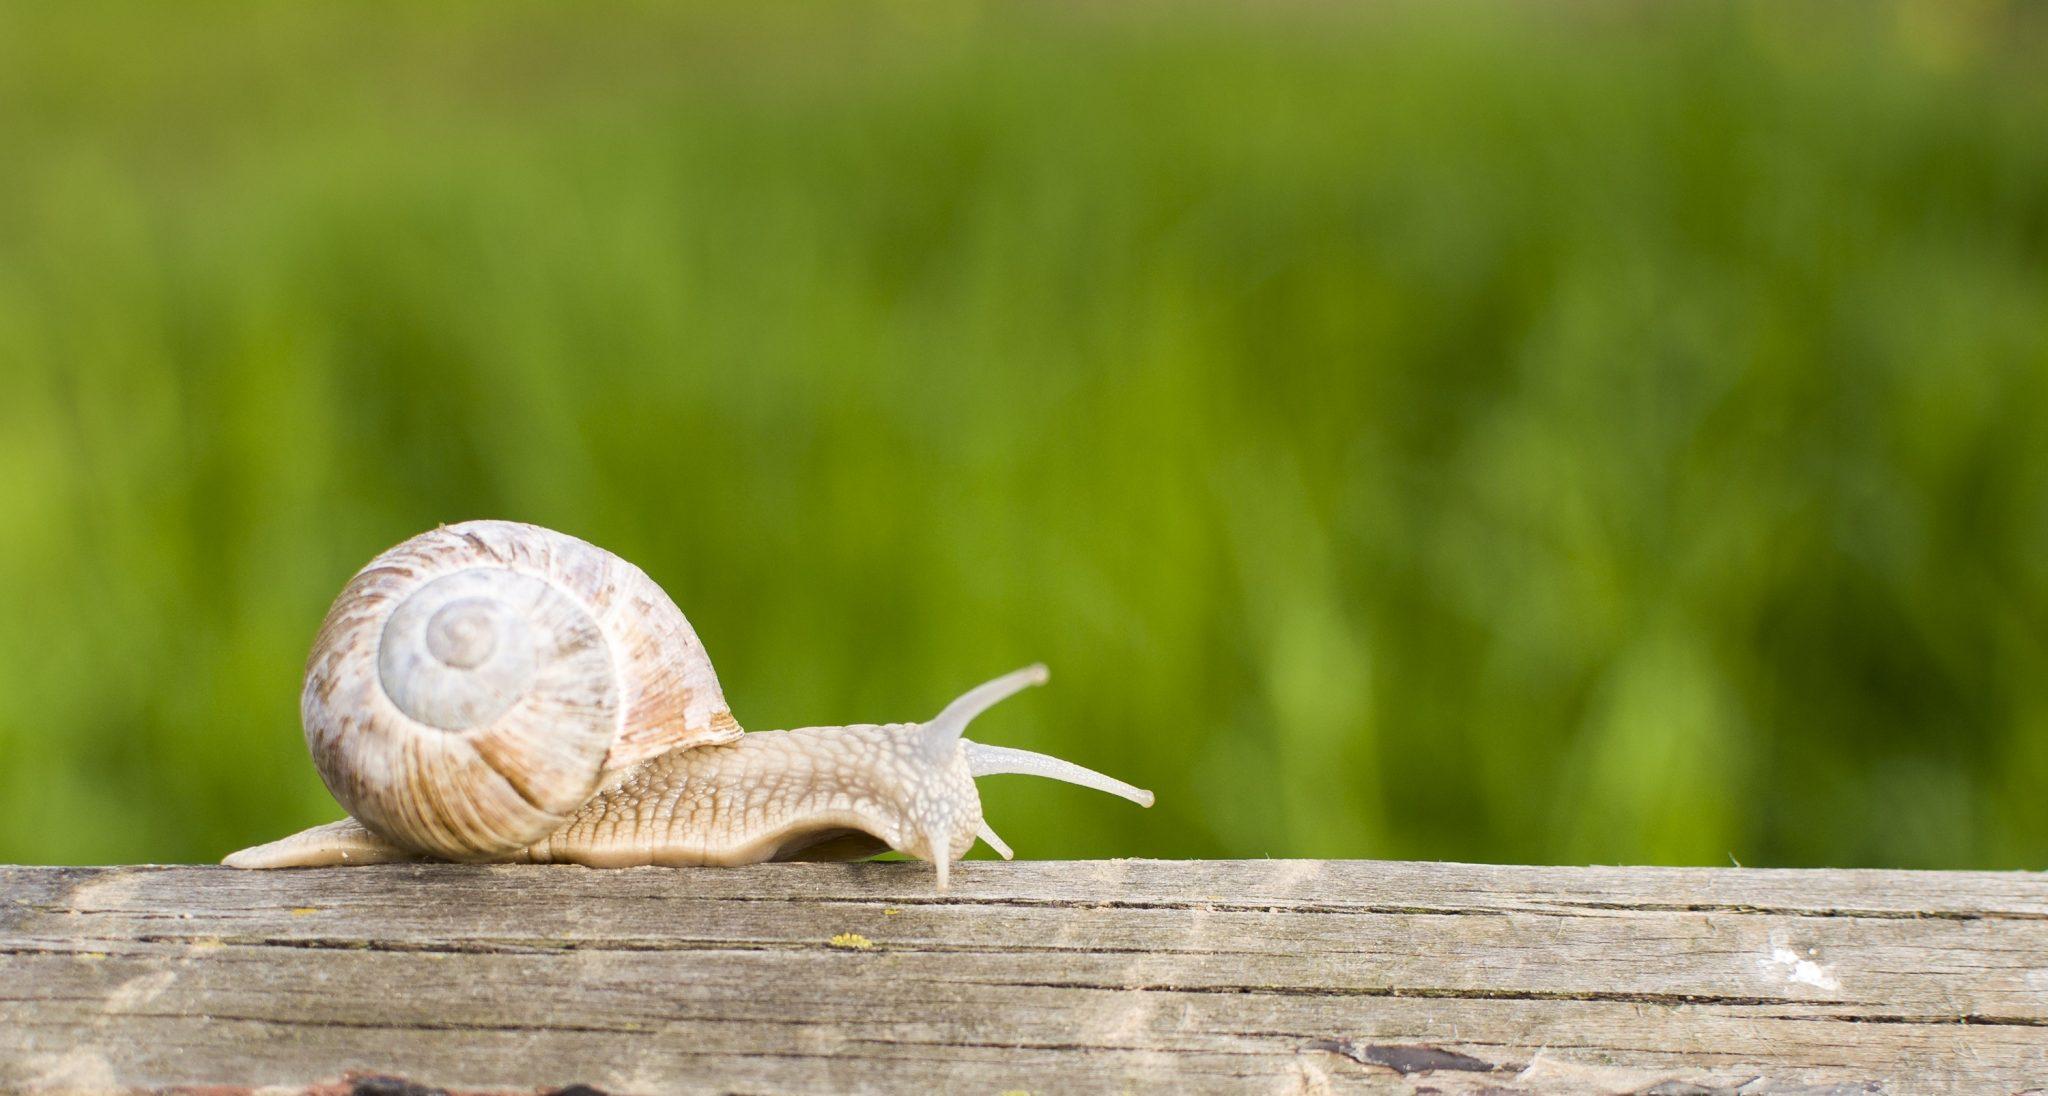 garden snails